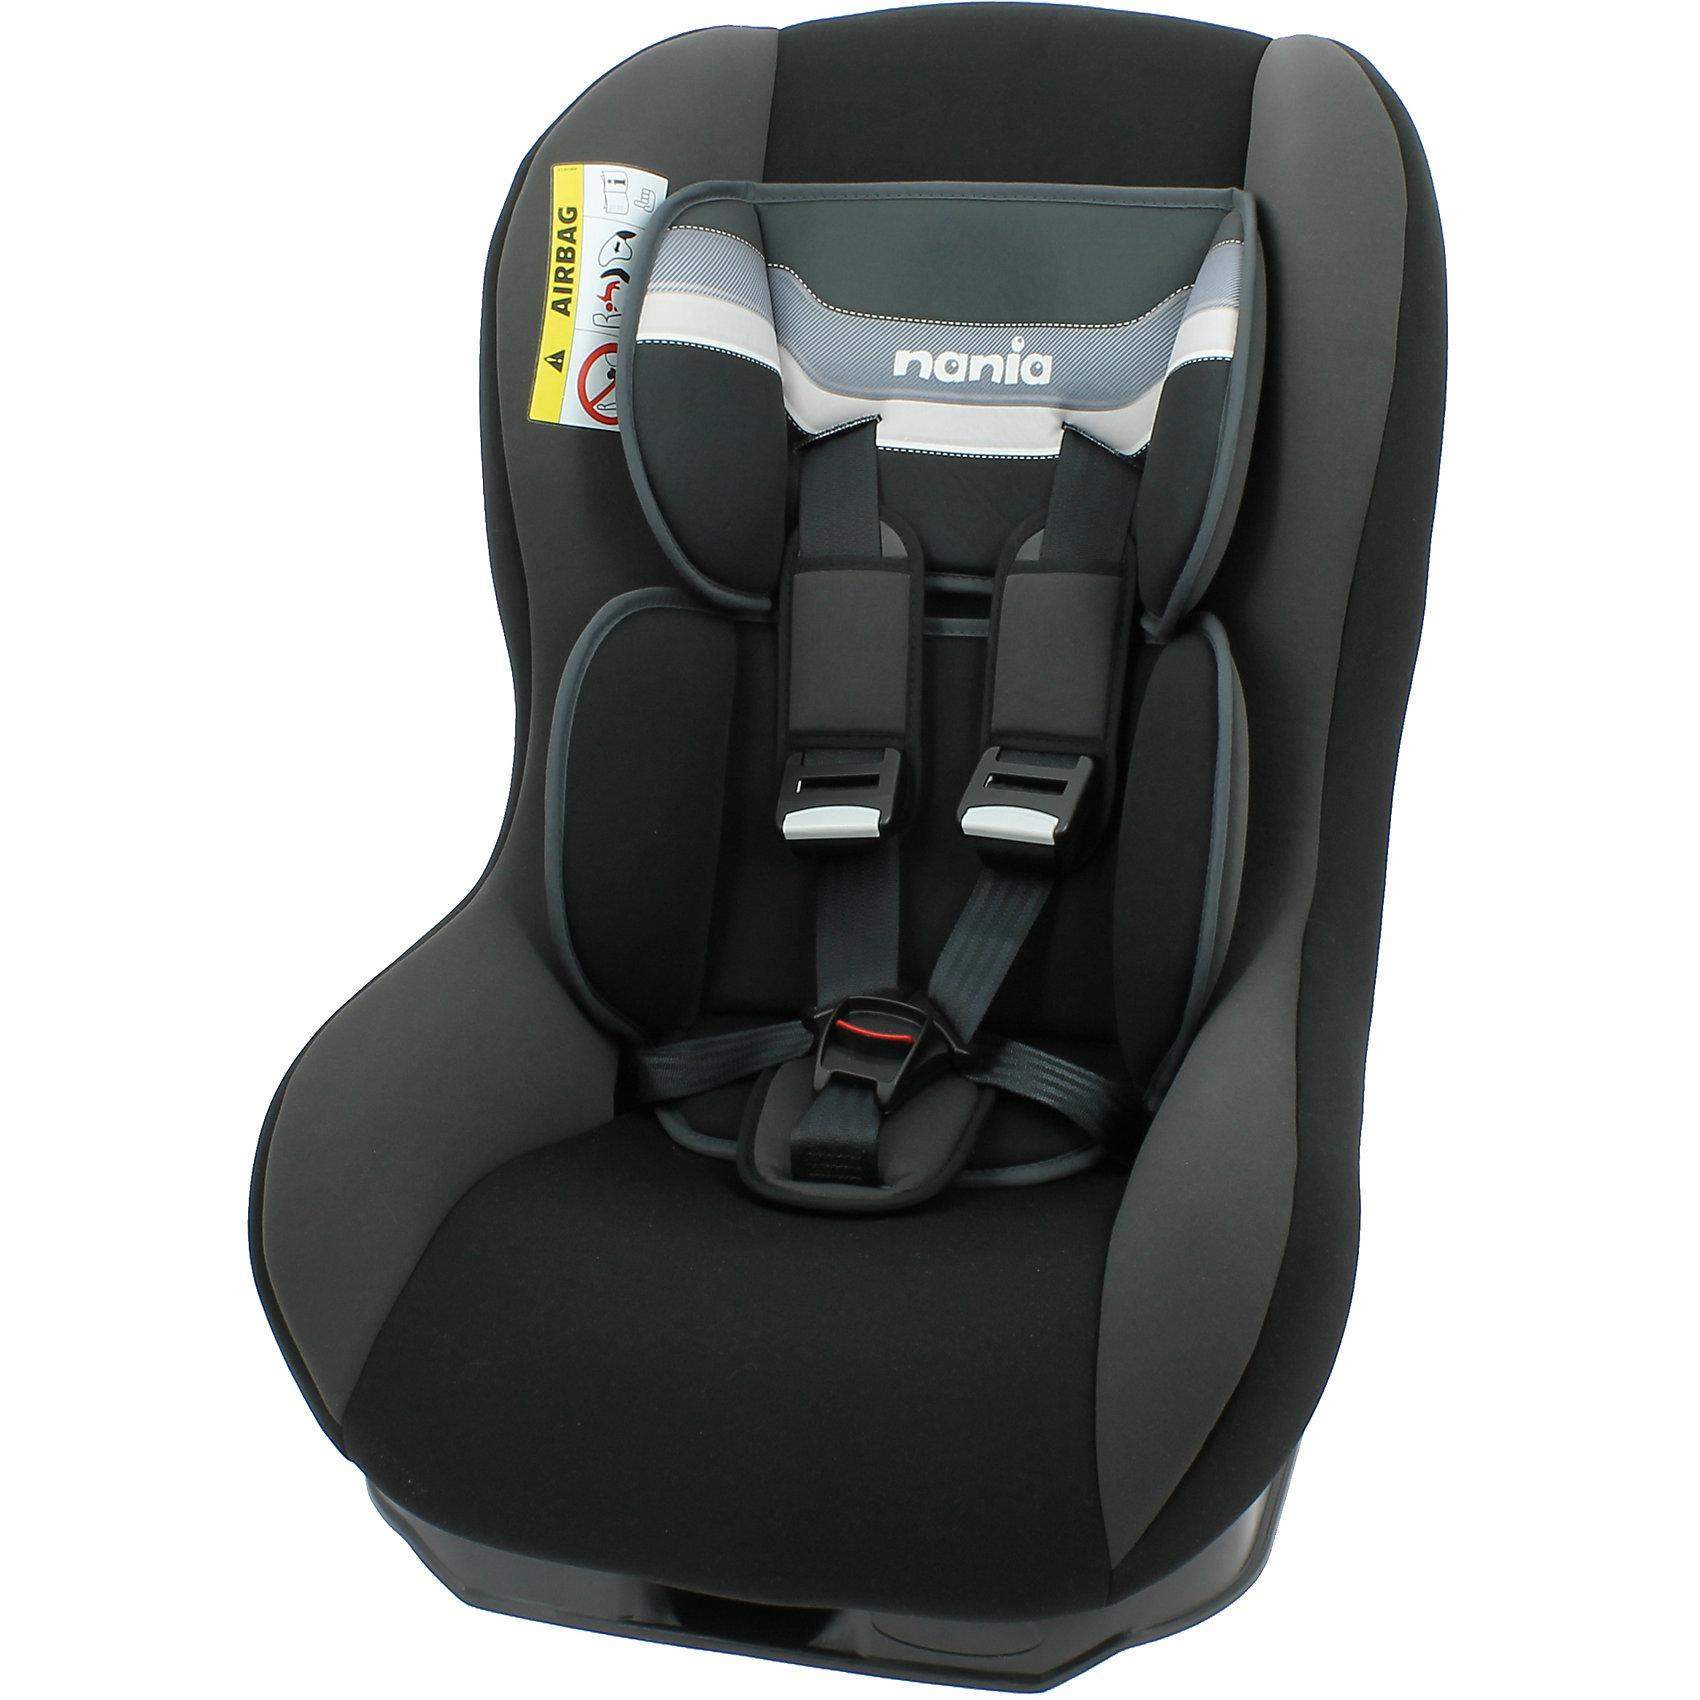 Автокресло Driver FST, 0-18 кг., Nania, horizon blackDriver SP FST<br>Серия: 0/1 (0-18)кг<br>Driver, группа 0-1 (0-18 кг) Вес ребенка от 0 до 18 кг (с рождения и примерно до 4 лет). Прочный каркас анатомической формы из полипропилена. Поглощающая силу удара прослойка из полистирола. Пятиточечные ремни безопасности с 3-мя уровнями регулировки по высоте. Пять положений наклона спинки. Мягкий вкладыш под спину, который позволяет перевозить совсем маленьких детей. Съемное покрытие можно стирать вручную при температуре не выше 30 С.. Устанавливается в автомобилях с 3-х точечными ремнями безопасности: при весе ребенка от 0 до 10 кг кресло устанавливается против движения автомобиля; при весе ребенка от 10 до 18 кг кресло устанавливается по ходу движения. Кресло имеет европейский сертификат безопасности по строжайшим нормам ЕСЕ R44/03.<br><br>Ширина мм: 460<br>Глубина мм: 520<br>Высота мм: 600<br>Вес г: 12490<br>Возраст от месяцев: 0<br>Возраст до месяцев: 48<br>Пол: Унисекс<br>Возраст: Детский<br>SKU: 4743028